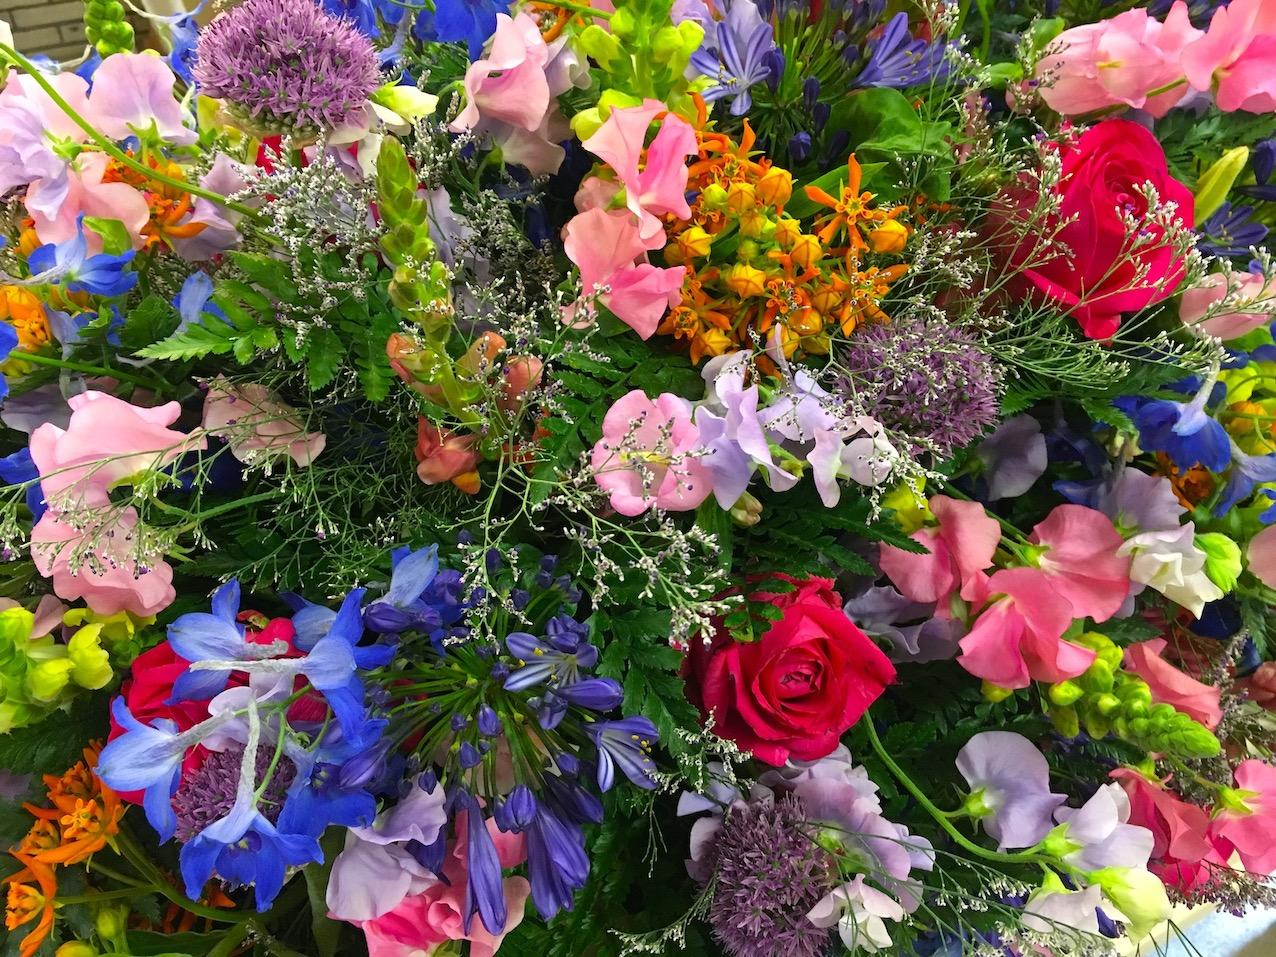 bloemen-rouwstuk-rouwboeket-uitvaart-kleuren